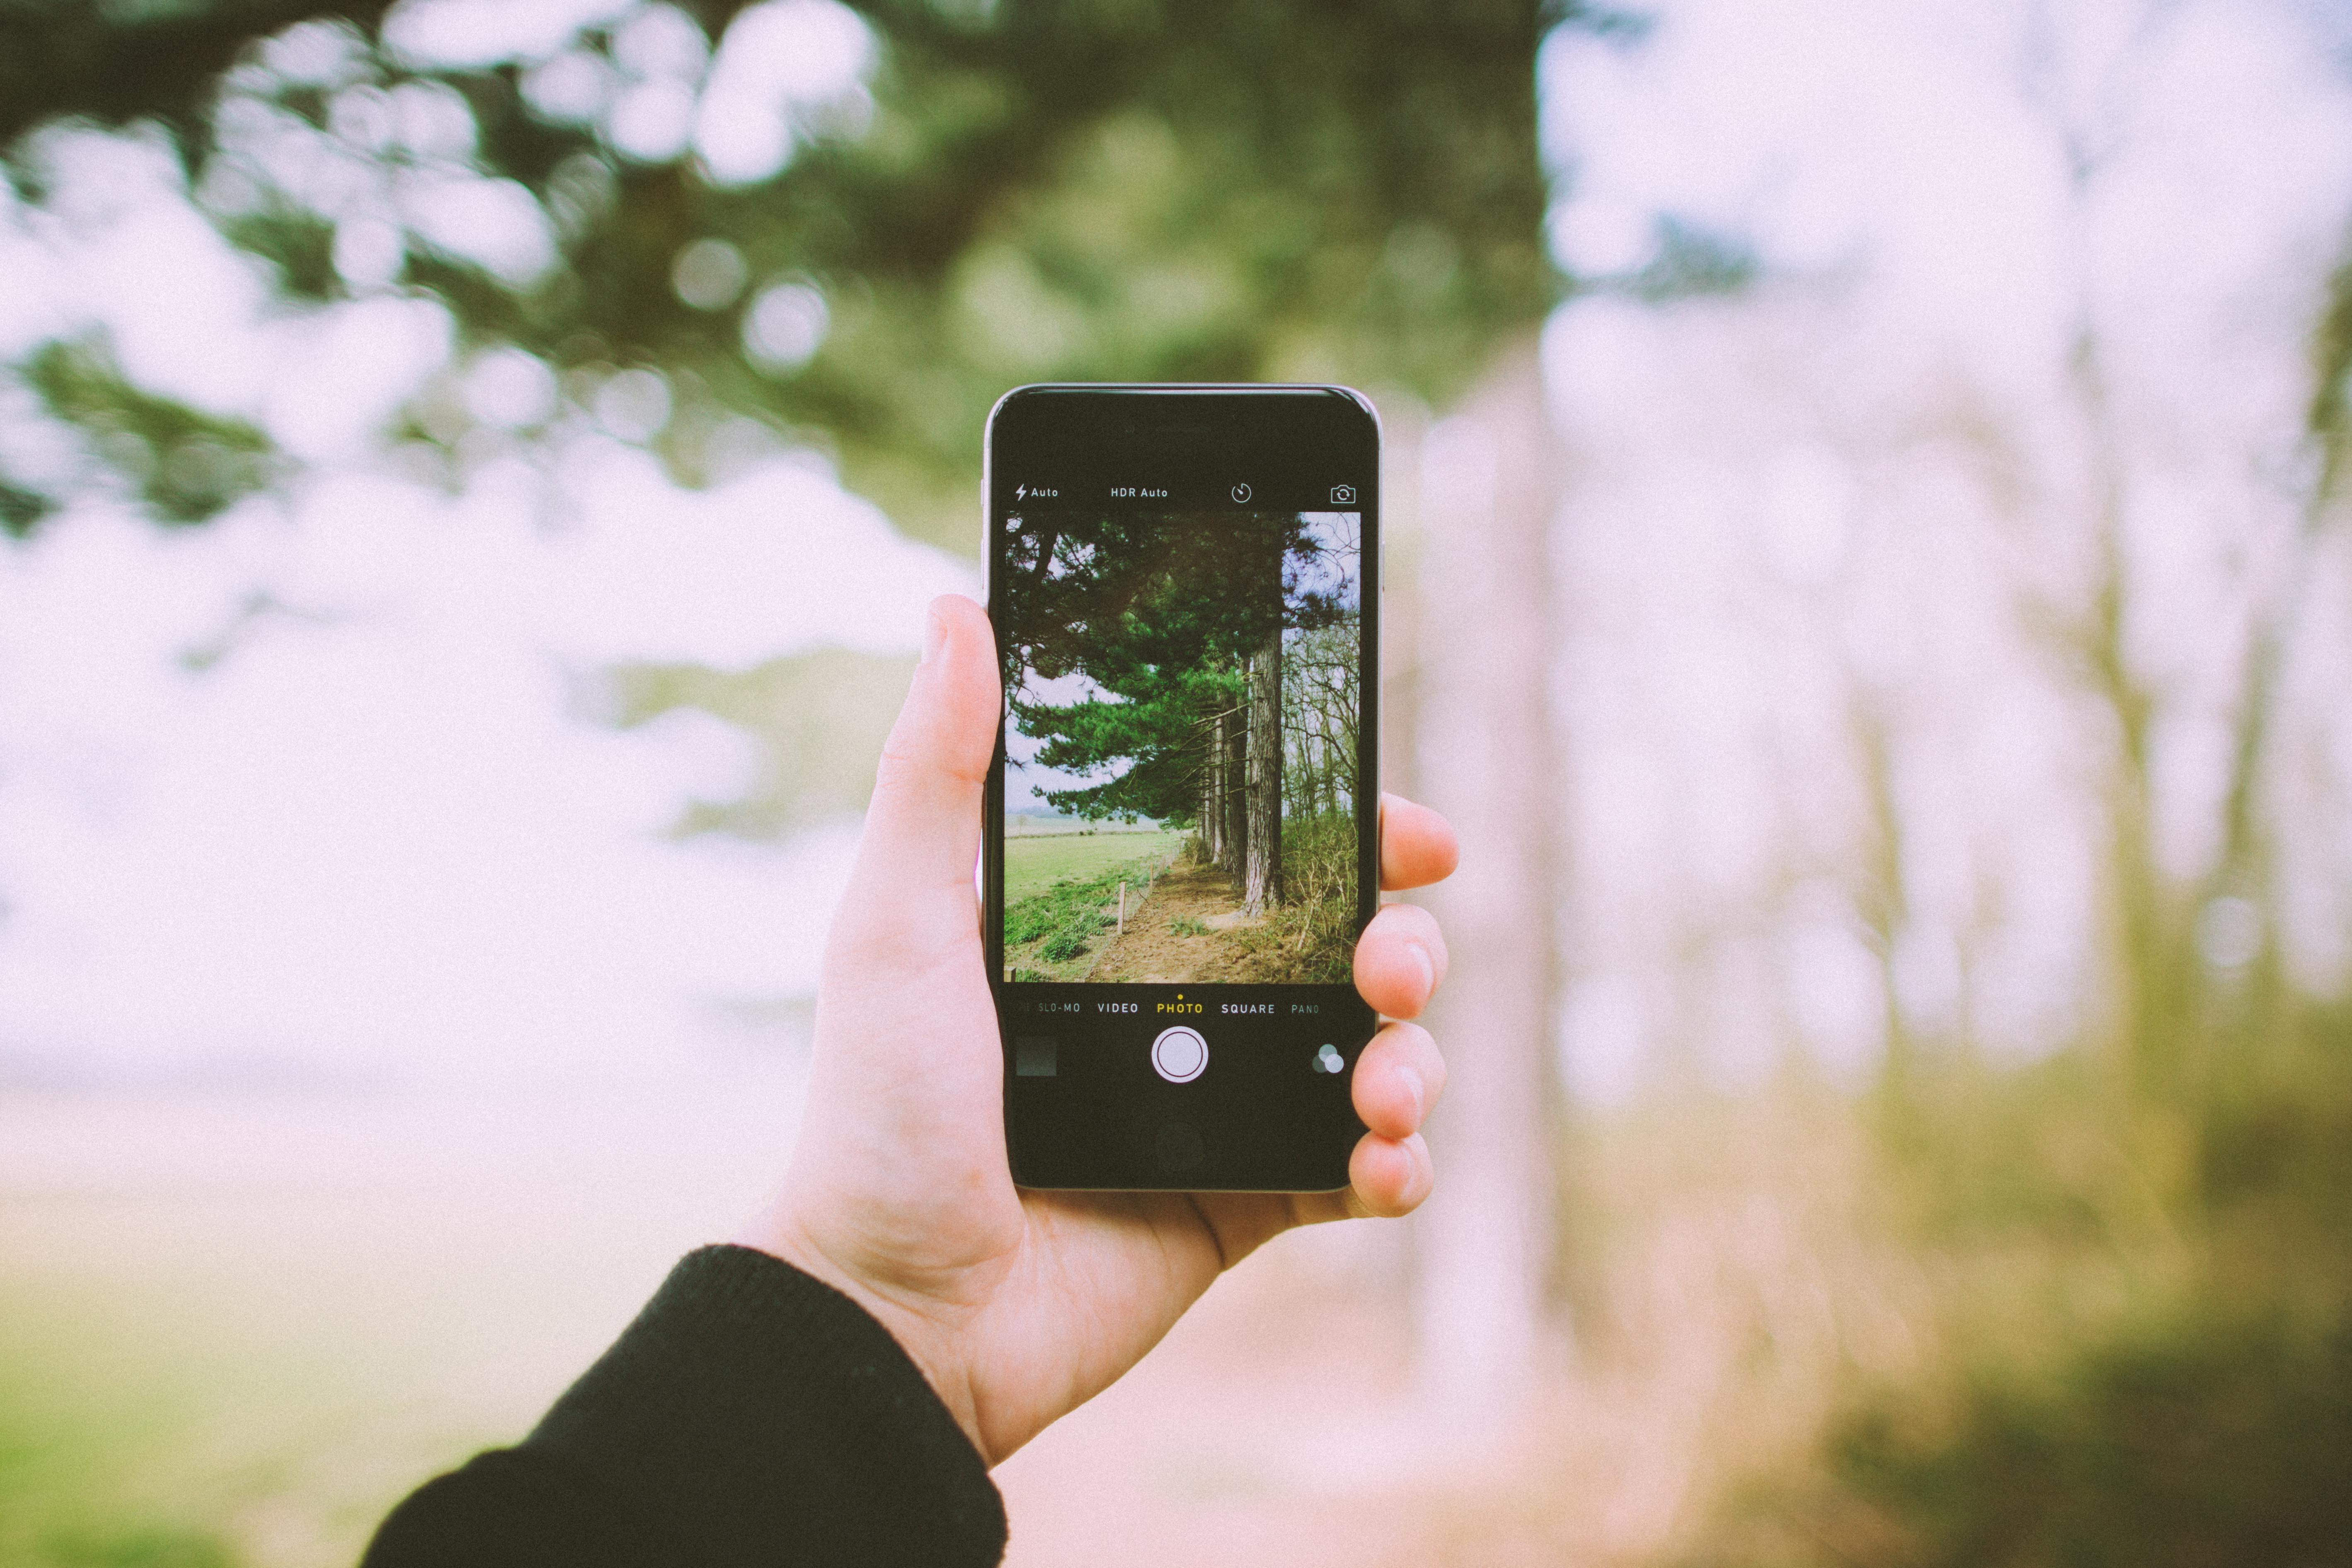 шторы картинки фоткать на телефон пизда текла